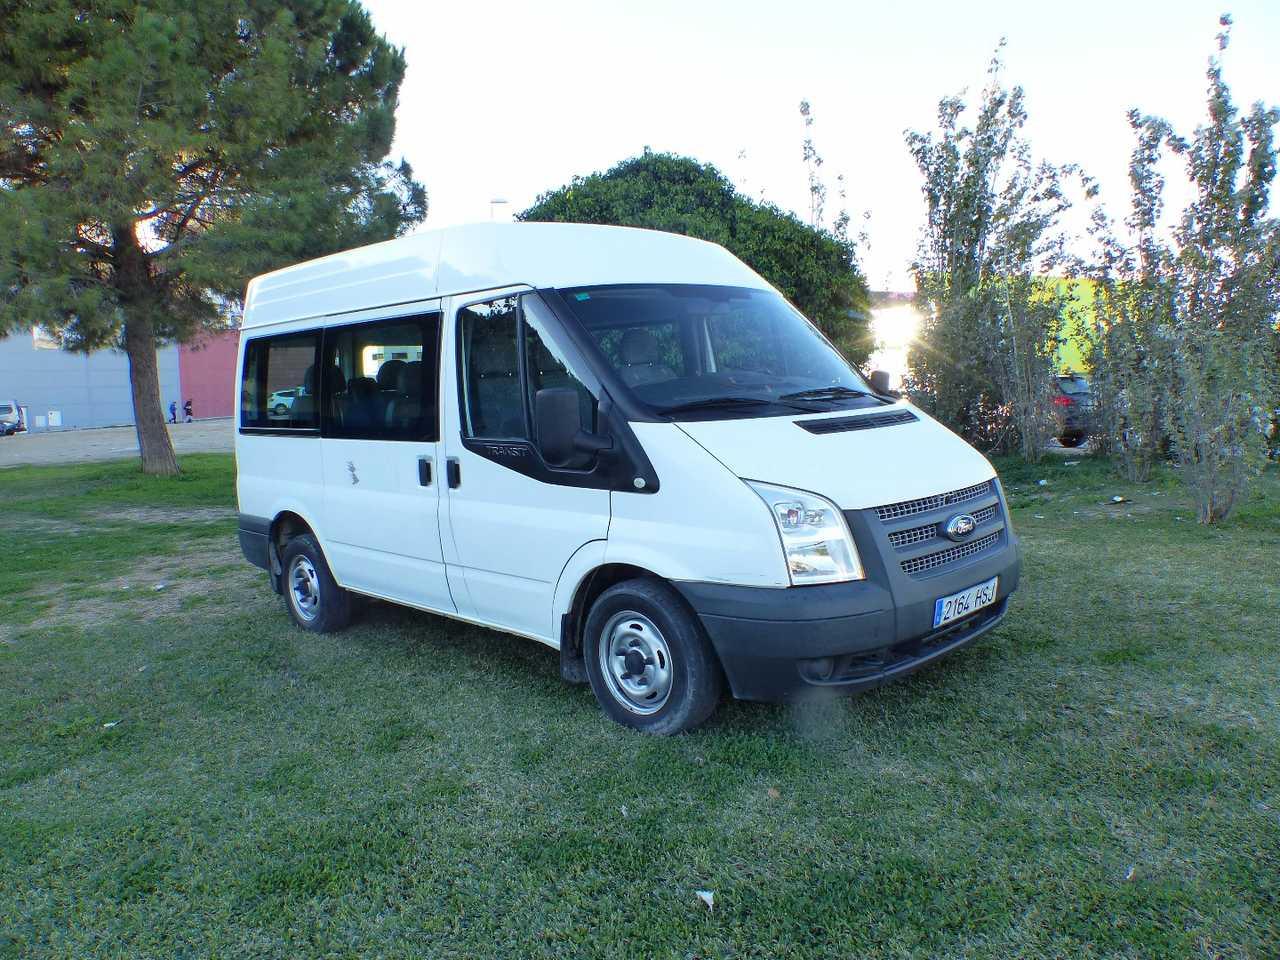 Ford Transit  Minibus y Kombi 280 SEMIELEVADO 100CV SEIS VELOCIDADES CERTIFICADO DE KM Y CARROCERIA  - Foto 1